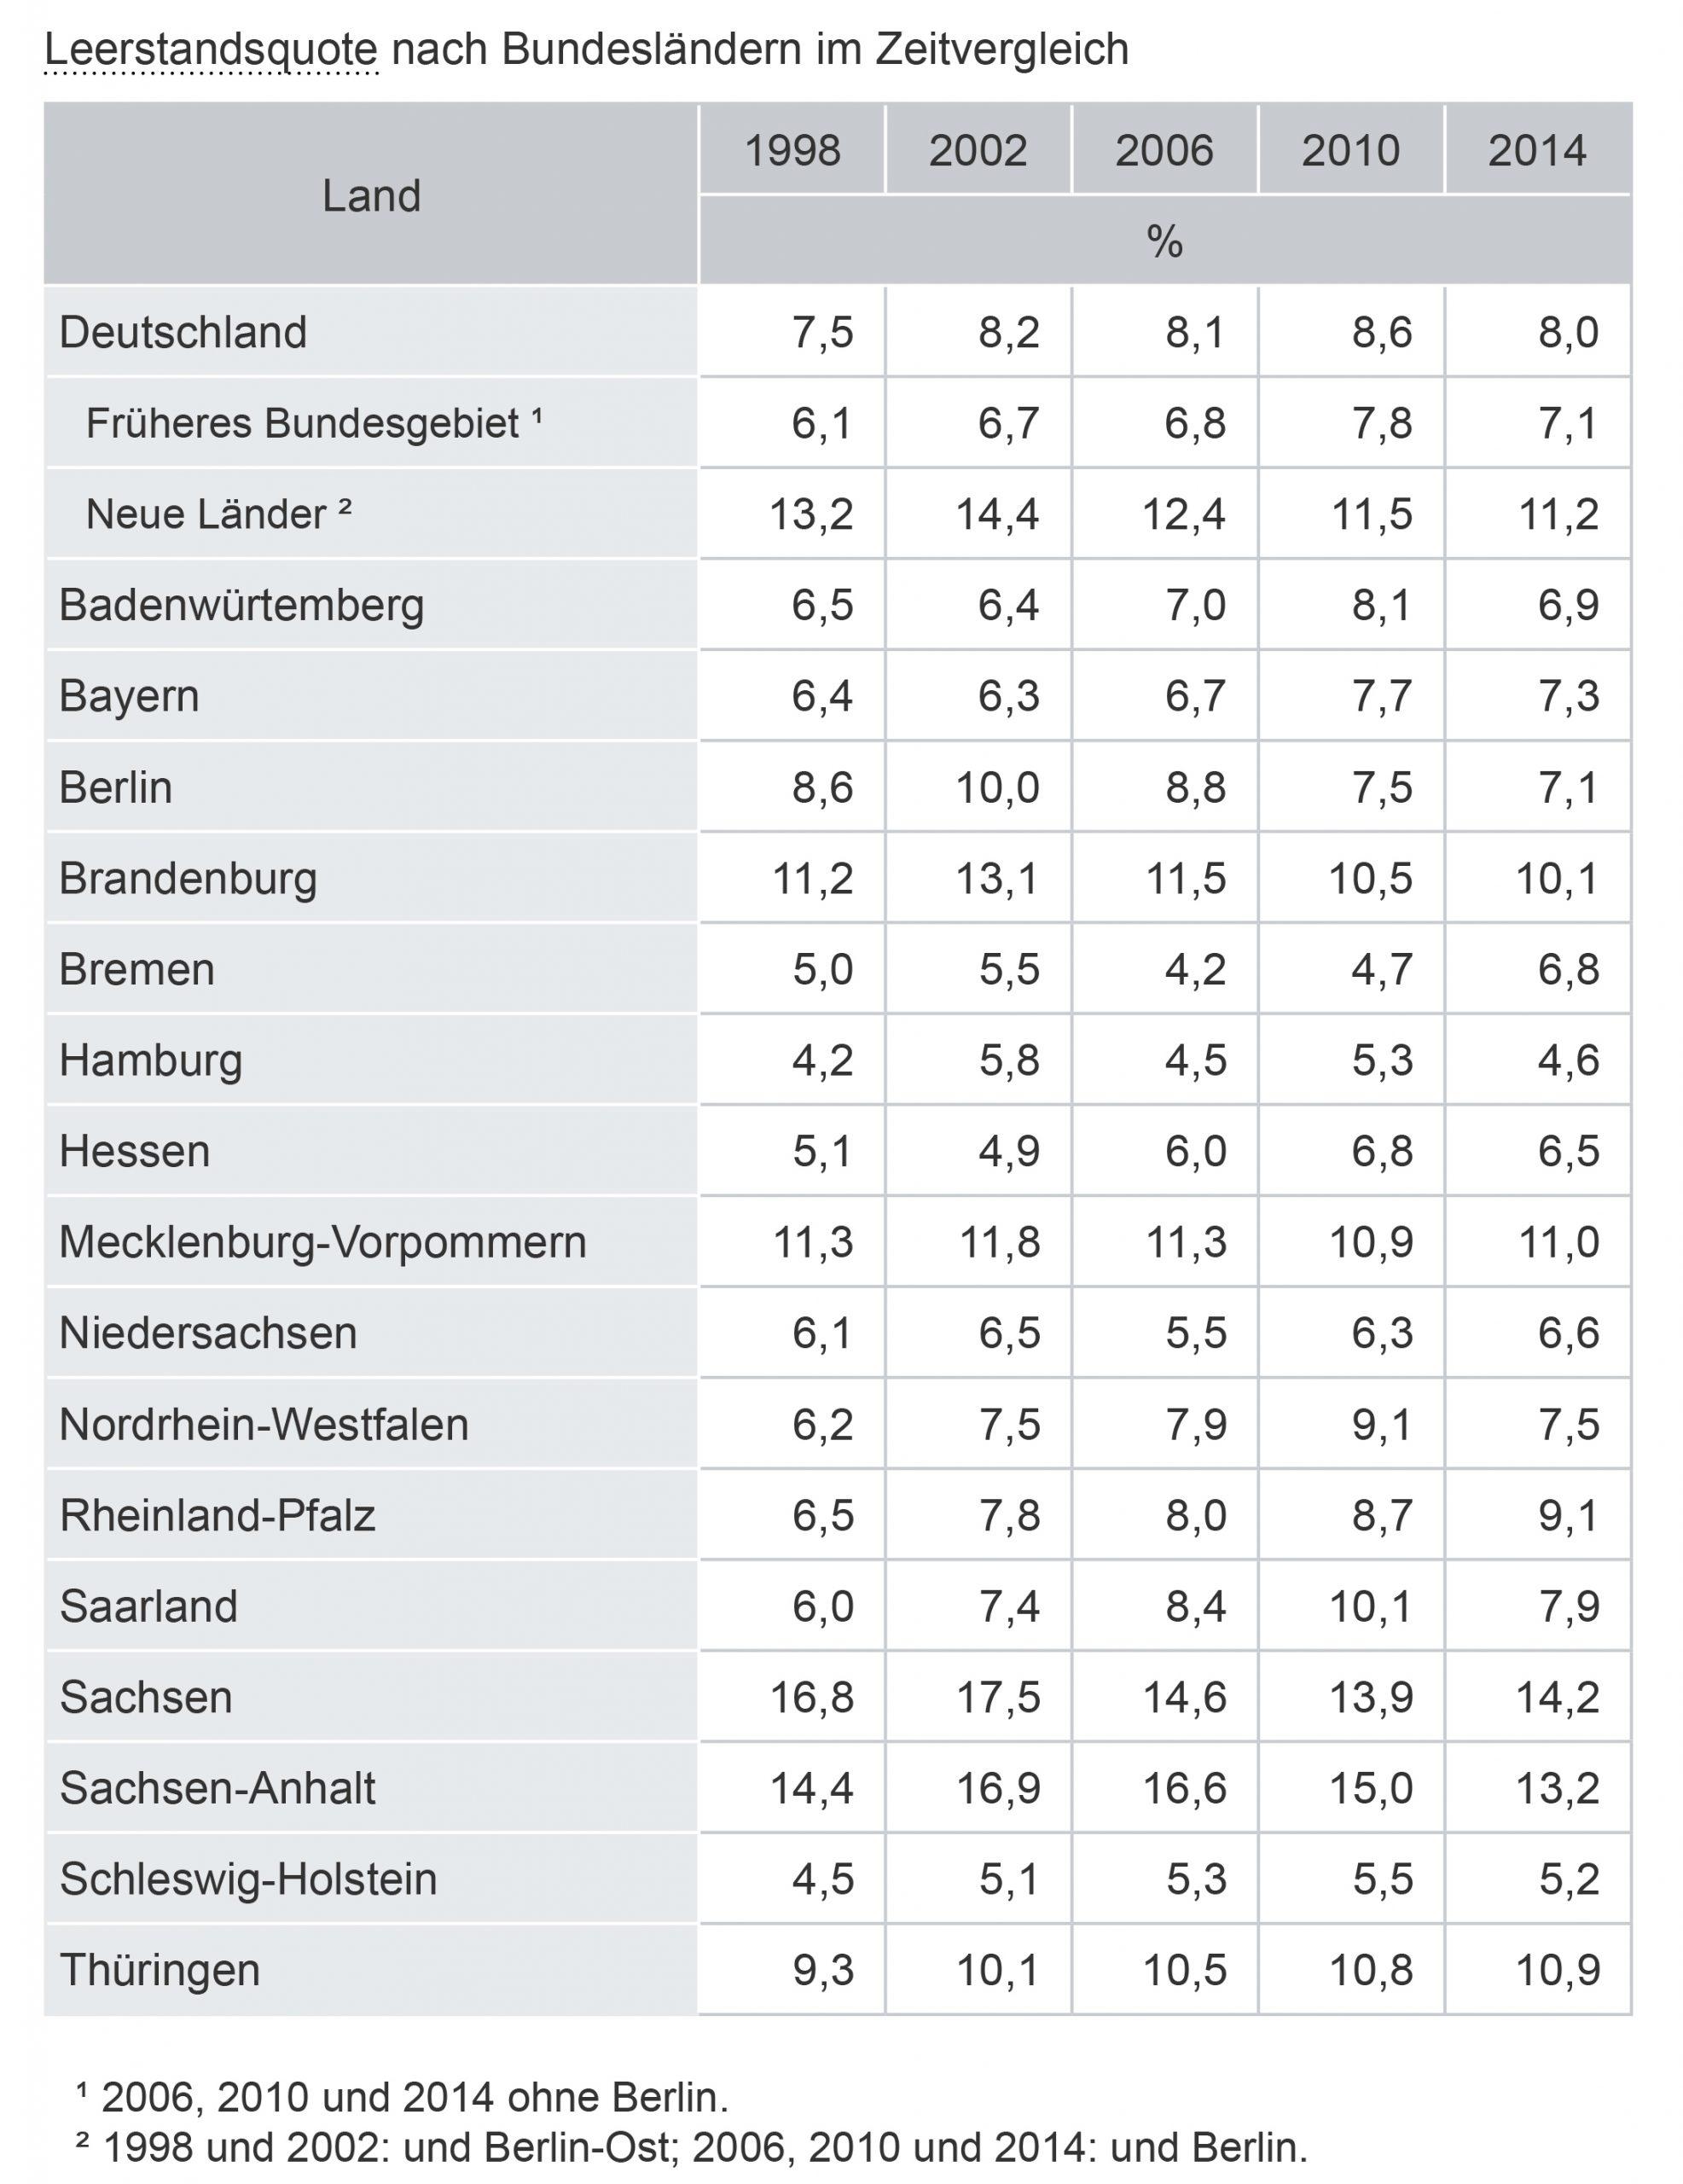 Leerstandsquote nach Bundesländern im Zeitvergleich